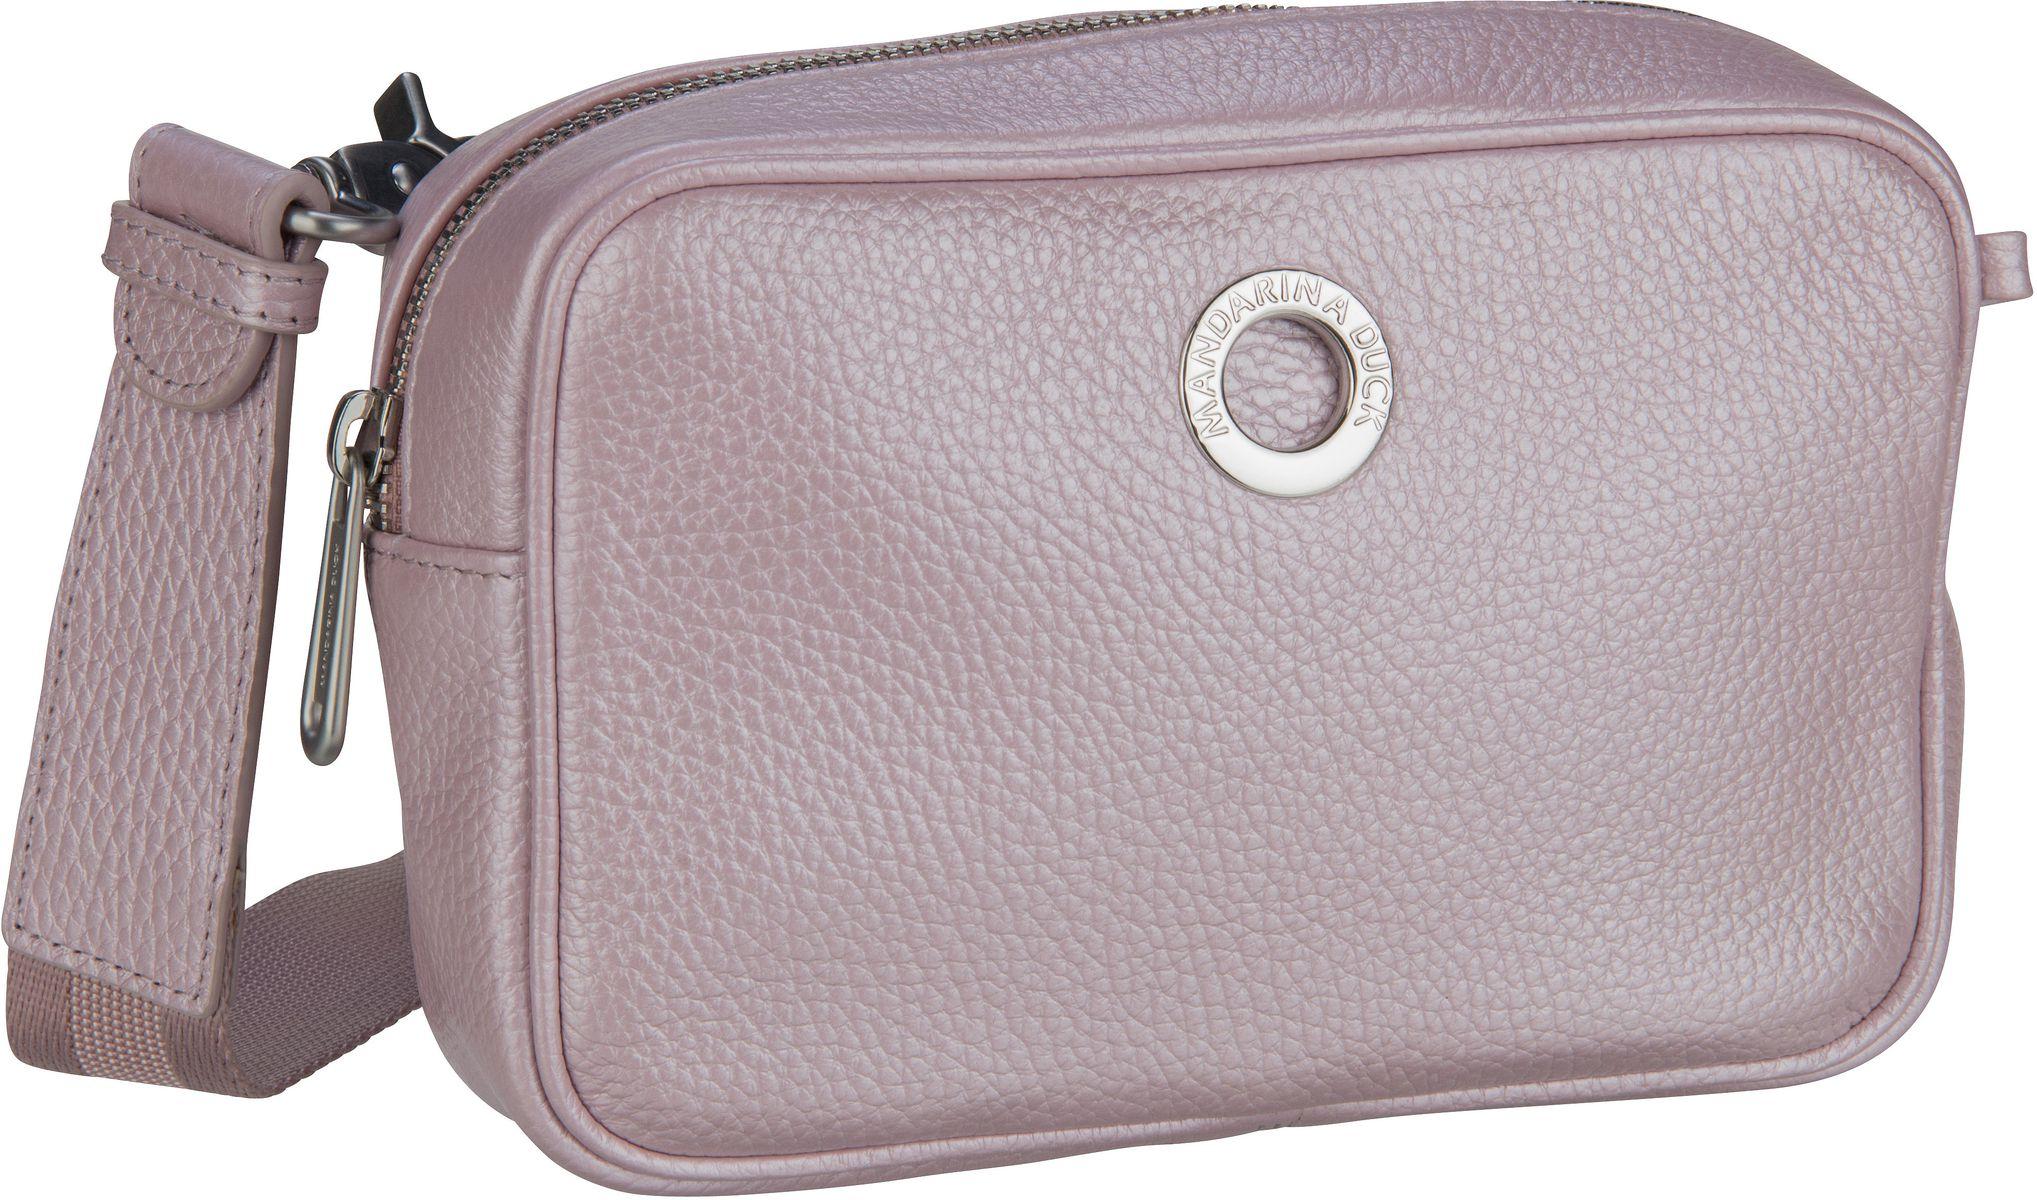 Umhängetasche Mellow Leather Lux Camera Bag ZLT22 Glicine